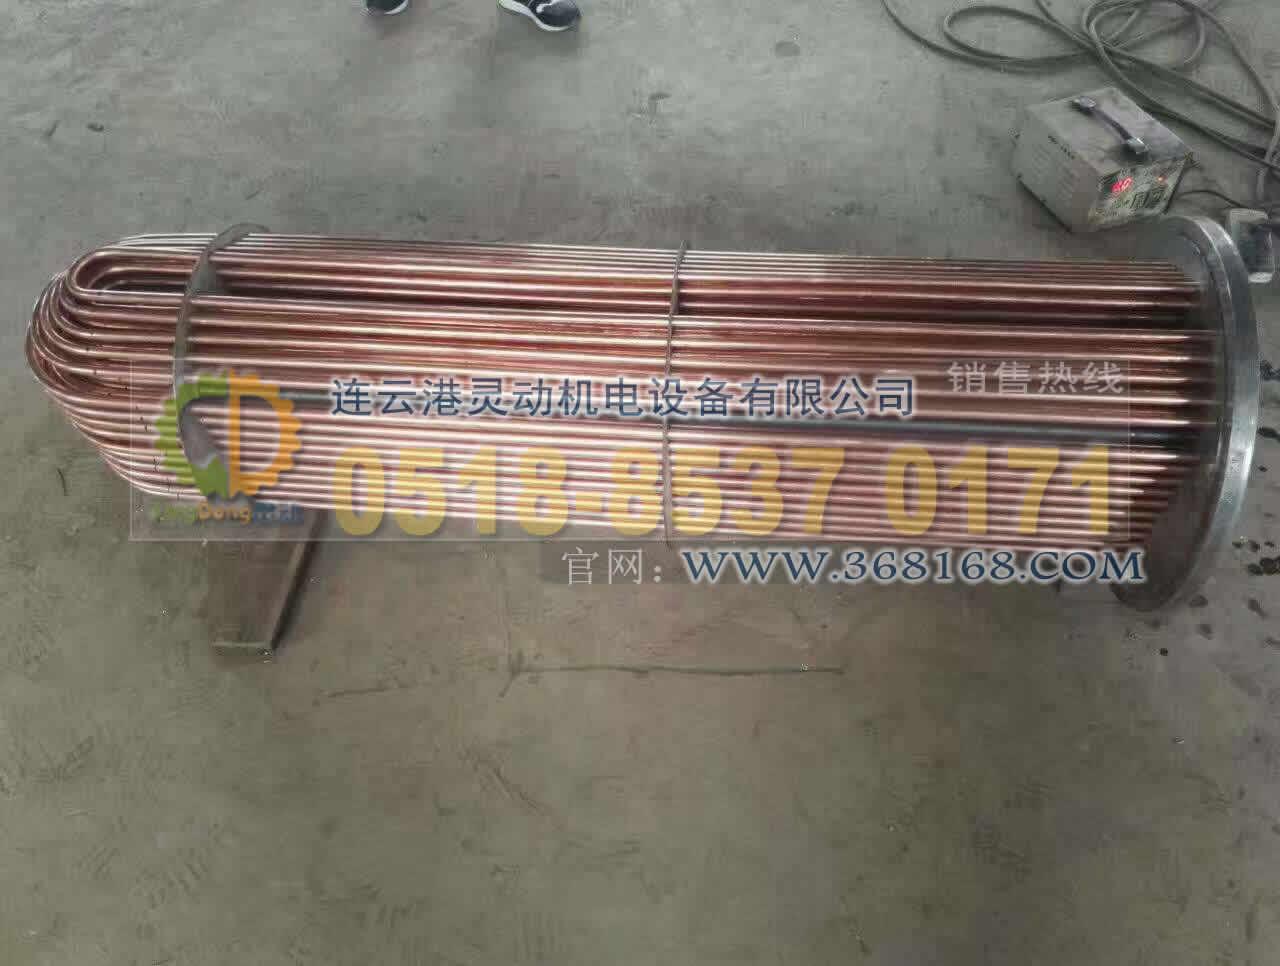 高压加热器铜管U型管换管改造